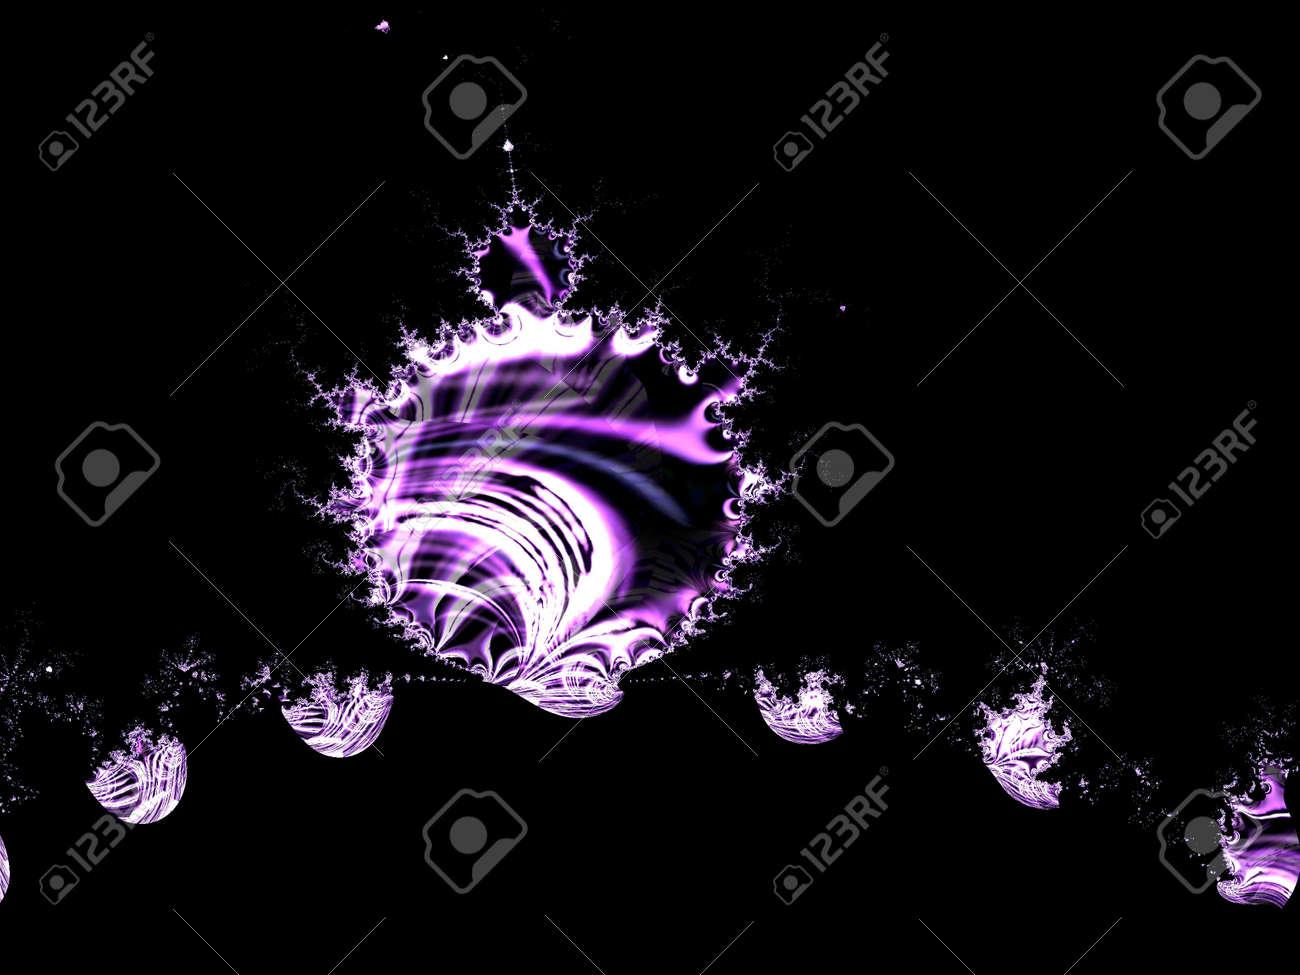 Magic necklace background Stock Photo - 5963503